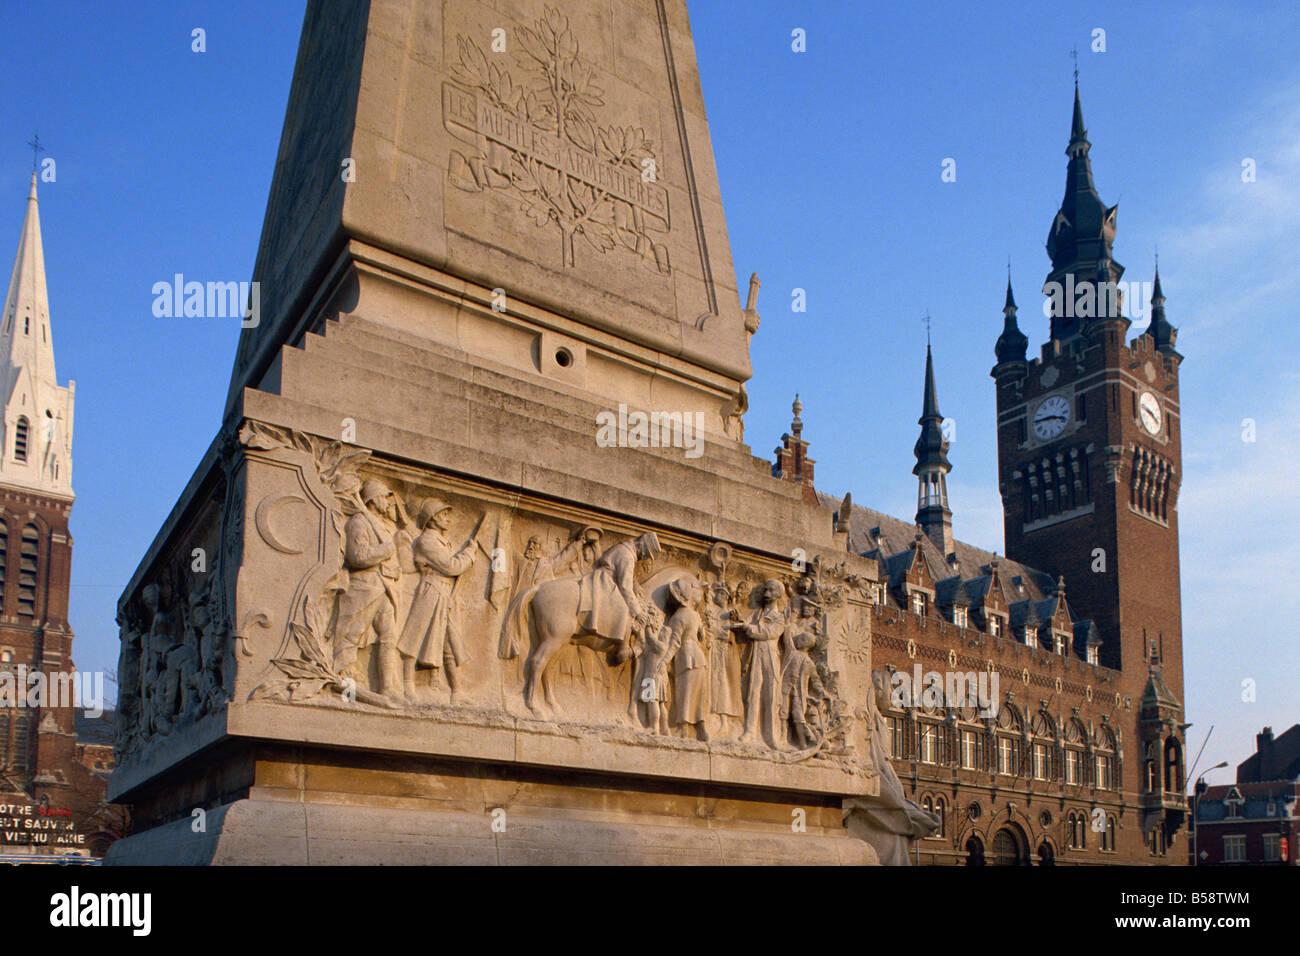 War Memorial, Armentieres, Nord Pas de Calais, France, Europe - Stock Image